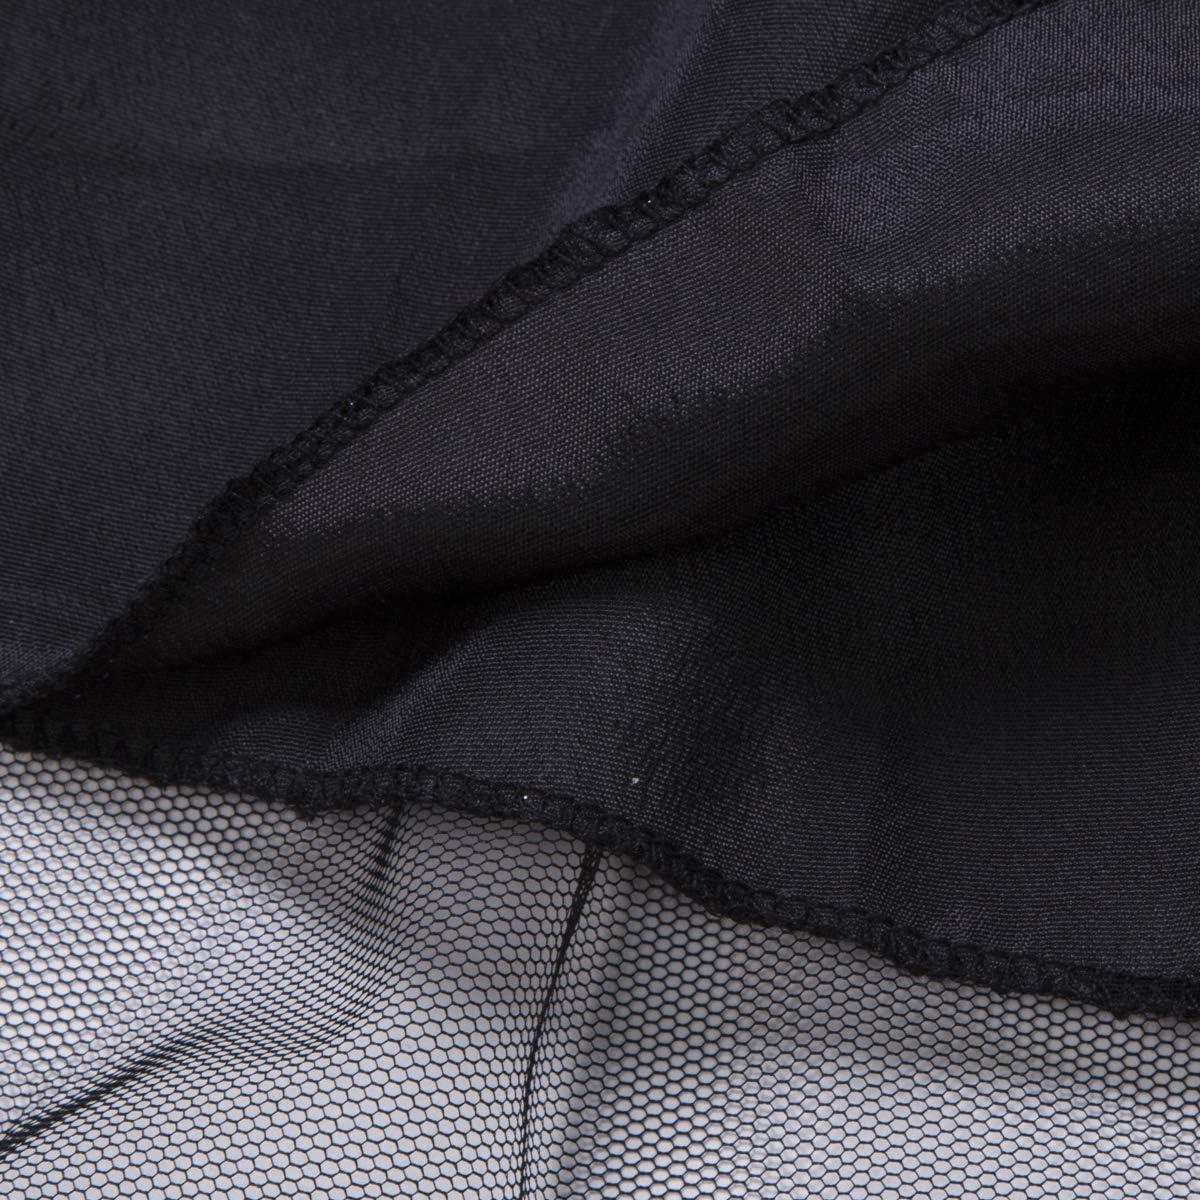 Tulle Nero da Donna Geagodelia Vestito Senza Maniche a Linea di Matrimonio Multistrato con Paillettes con Lustrini Abito da Sera Lucido Abito Pieghettato